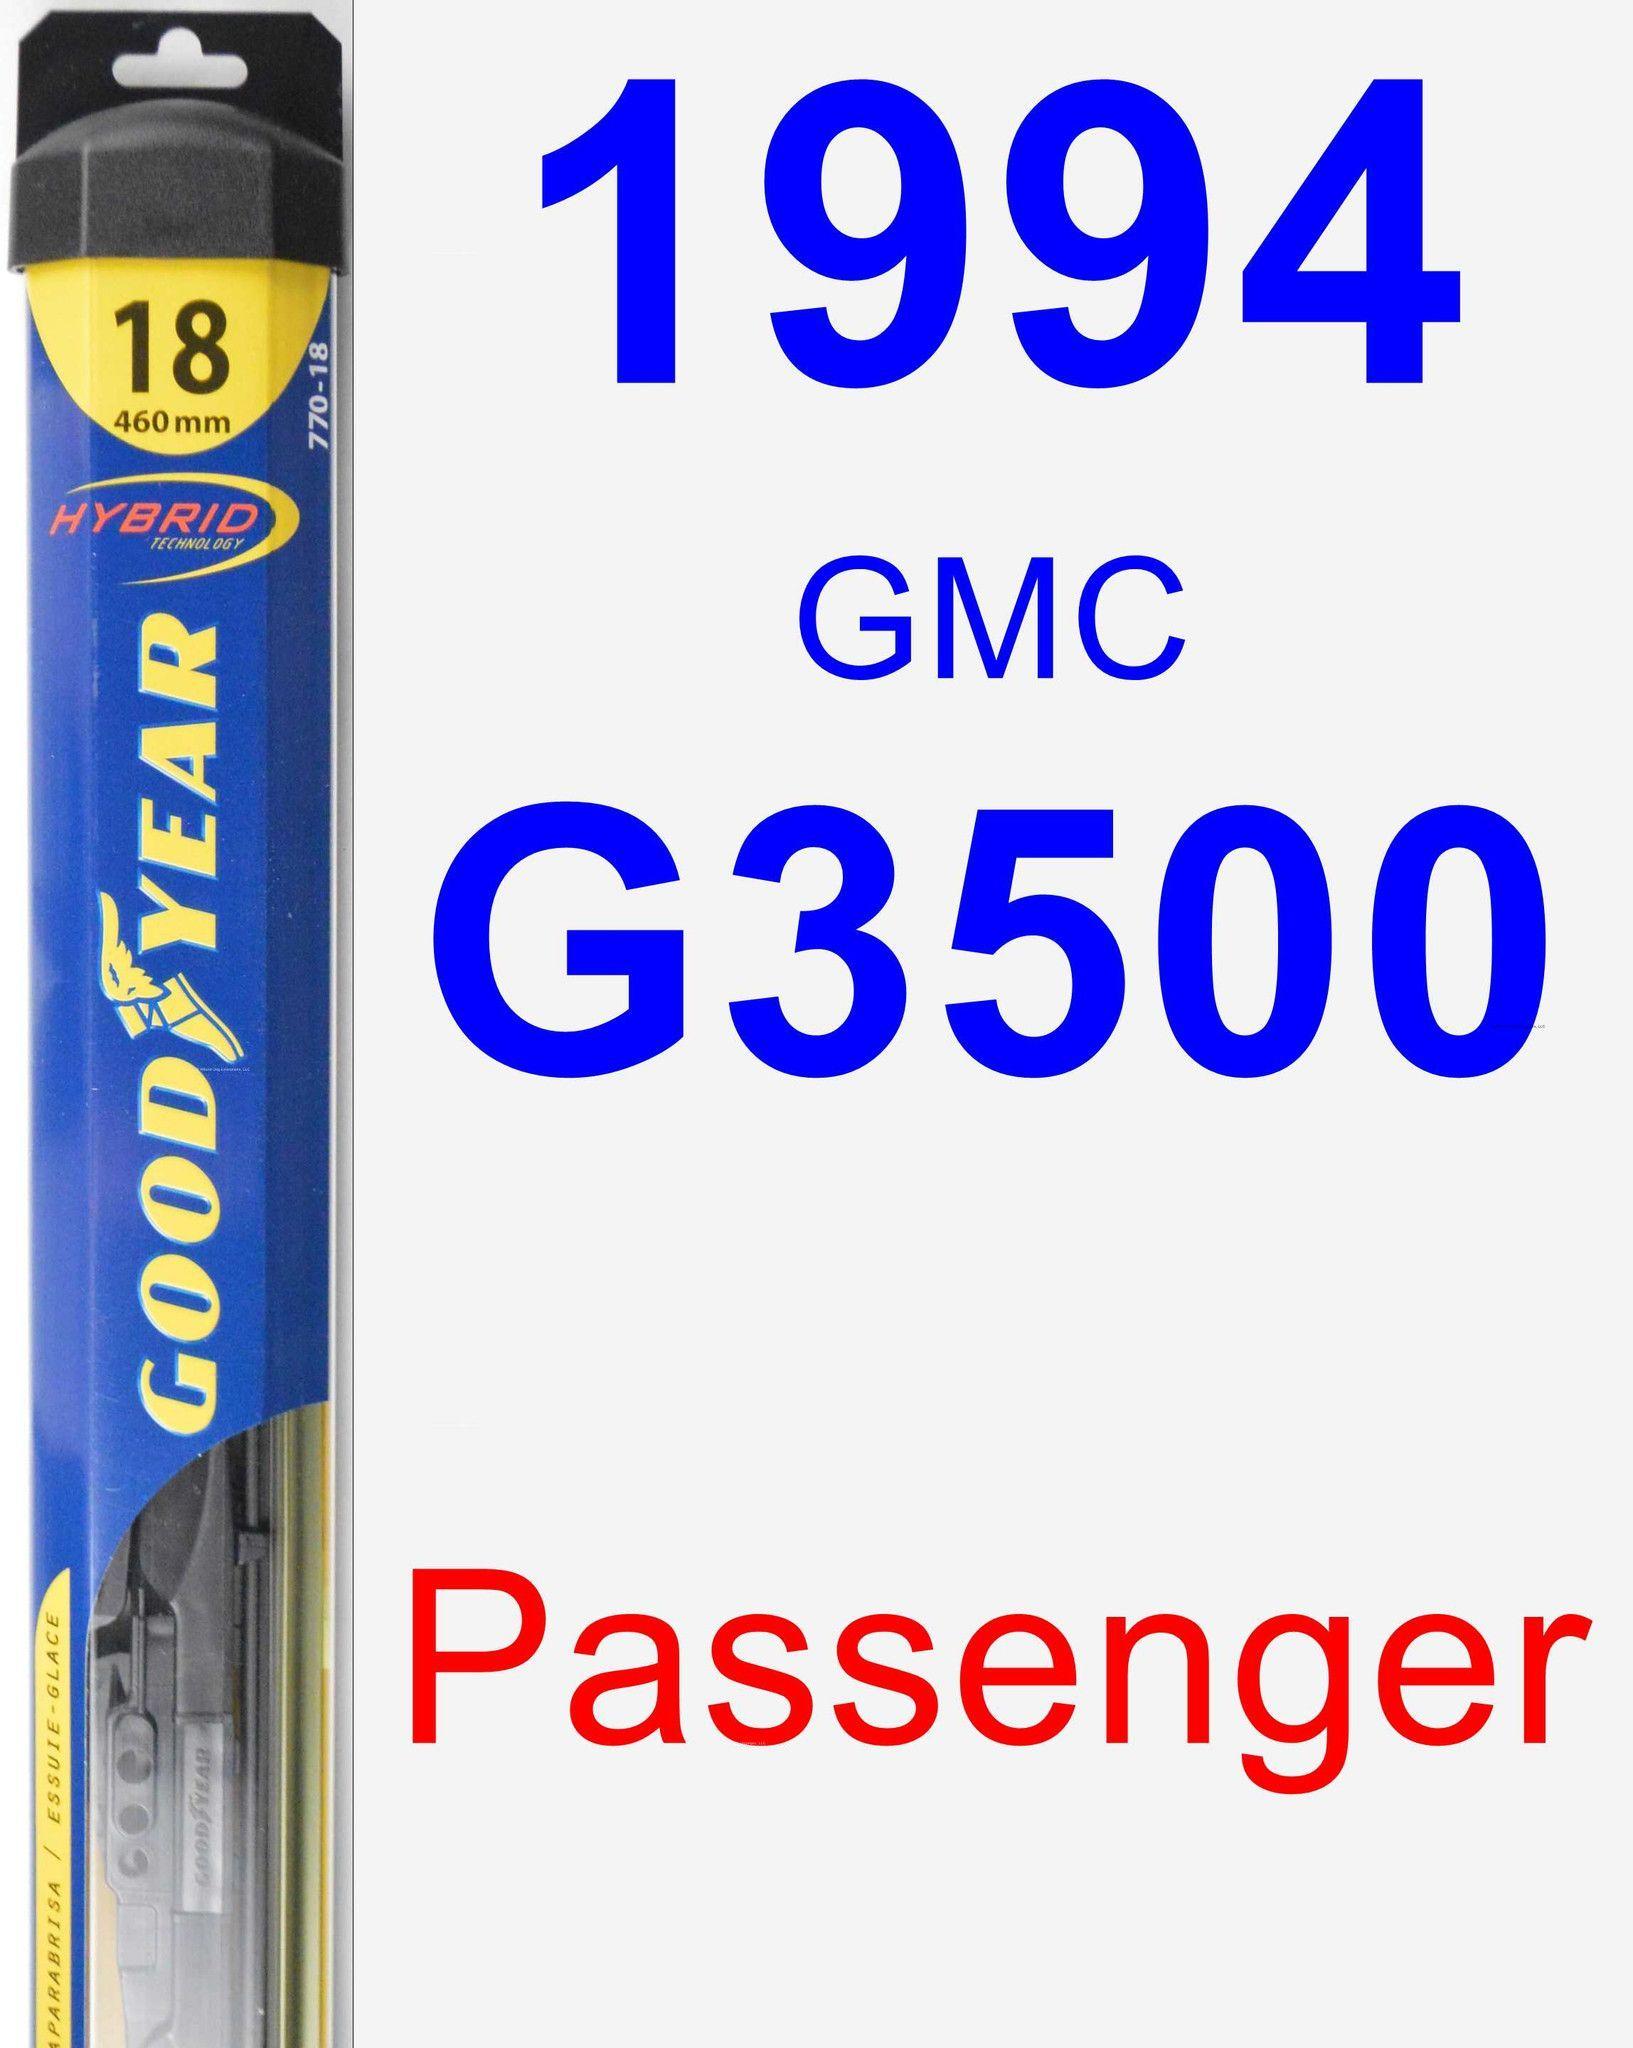 Passenger Wiper Blade for 1994 GMC G3500 - Hybrid